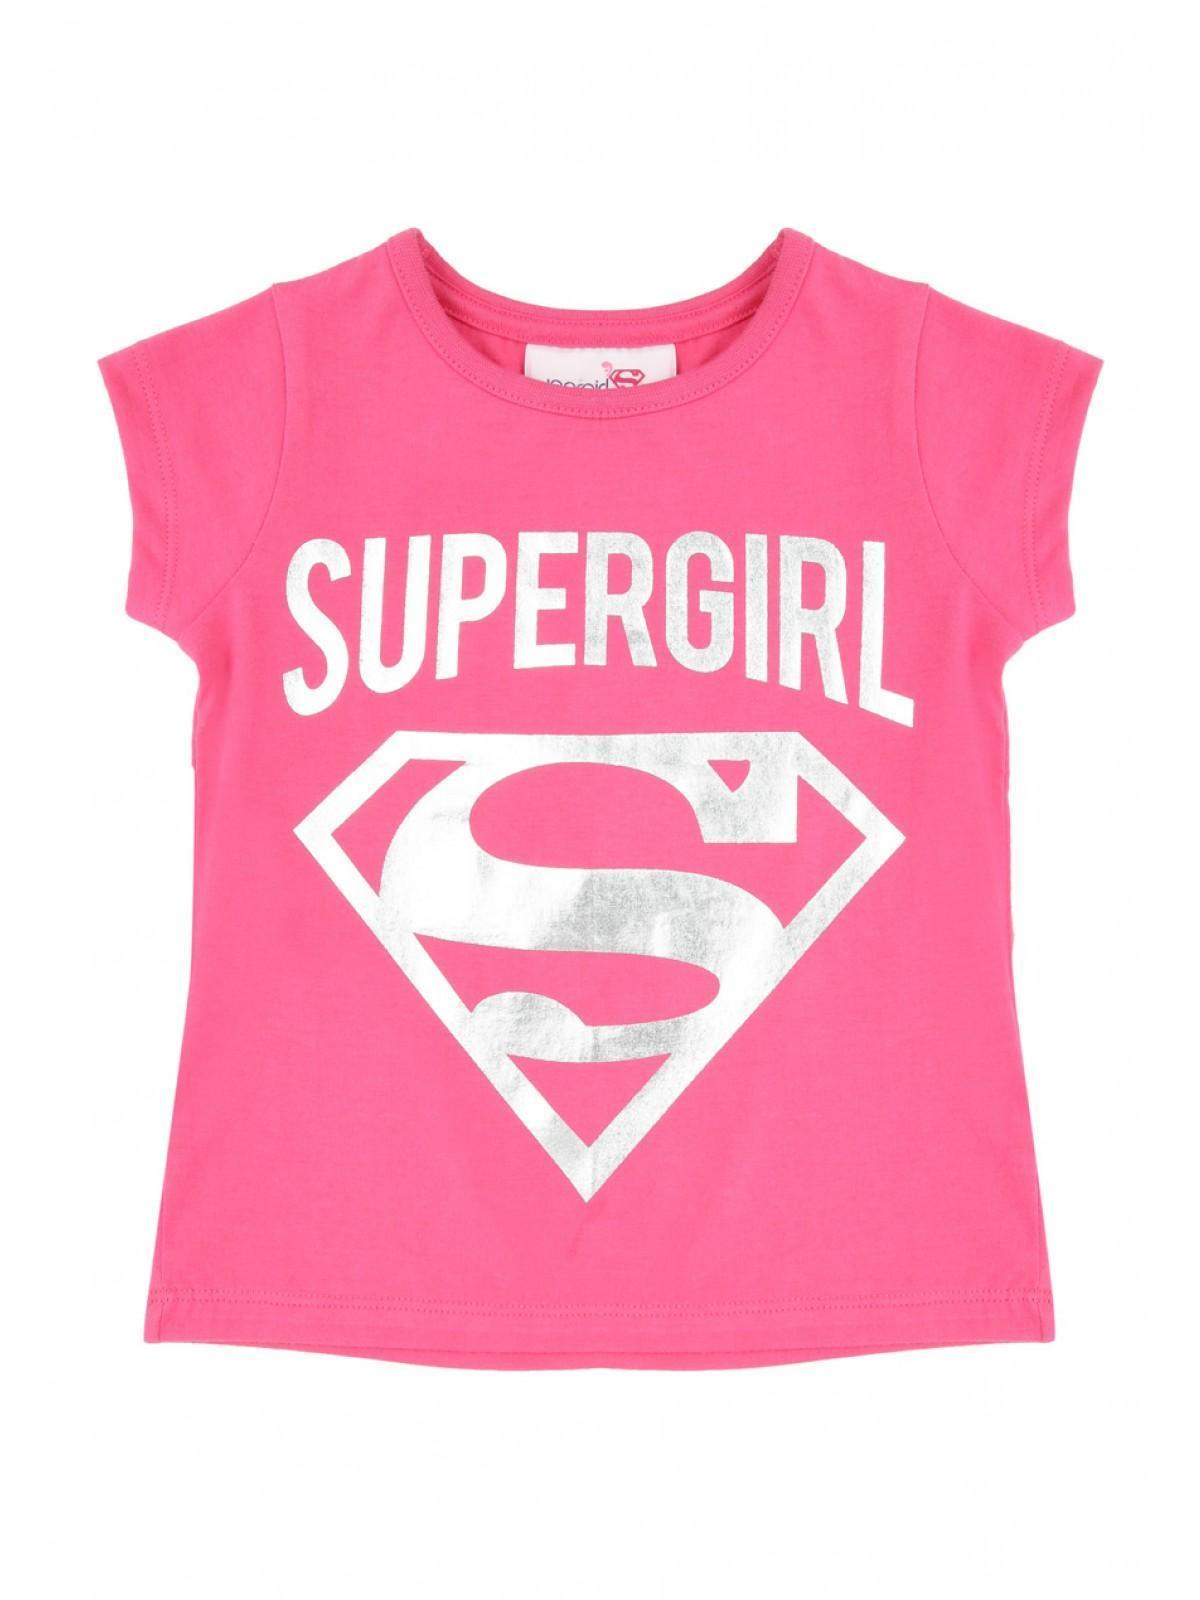 supergirl t shirt australia